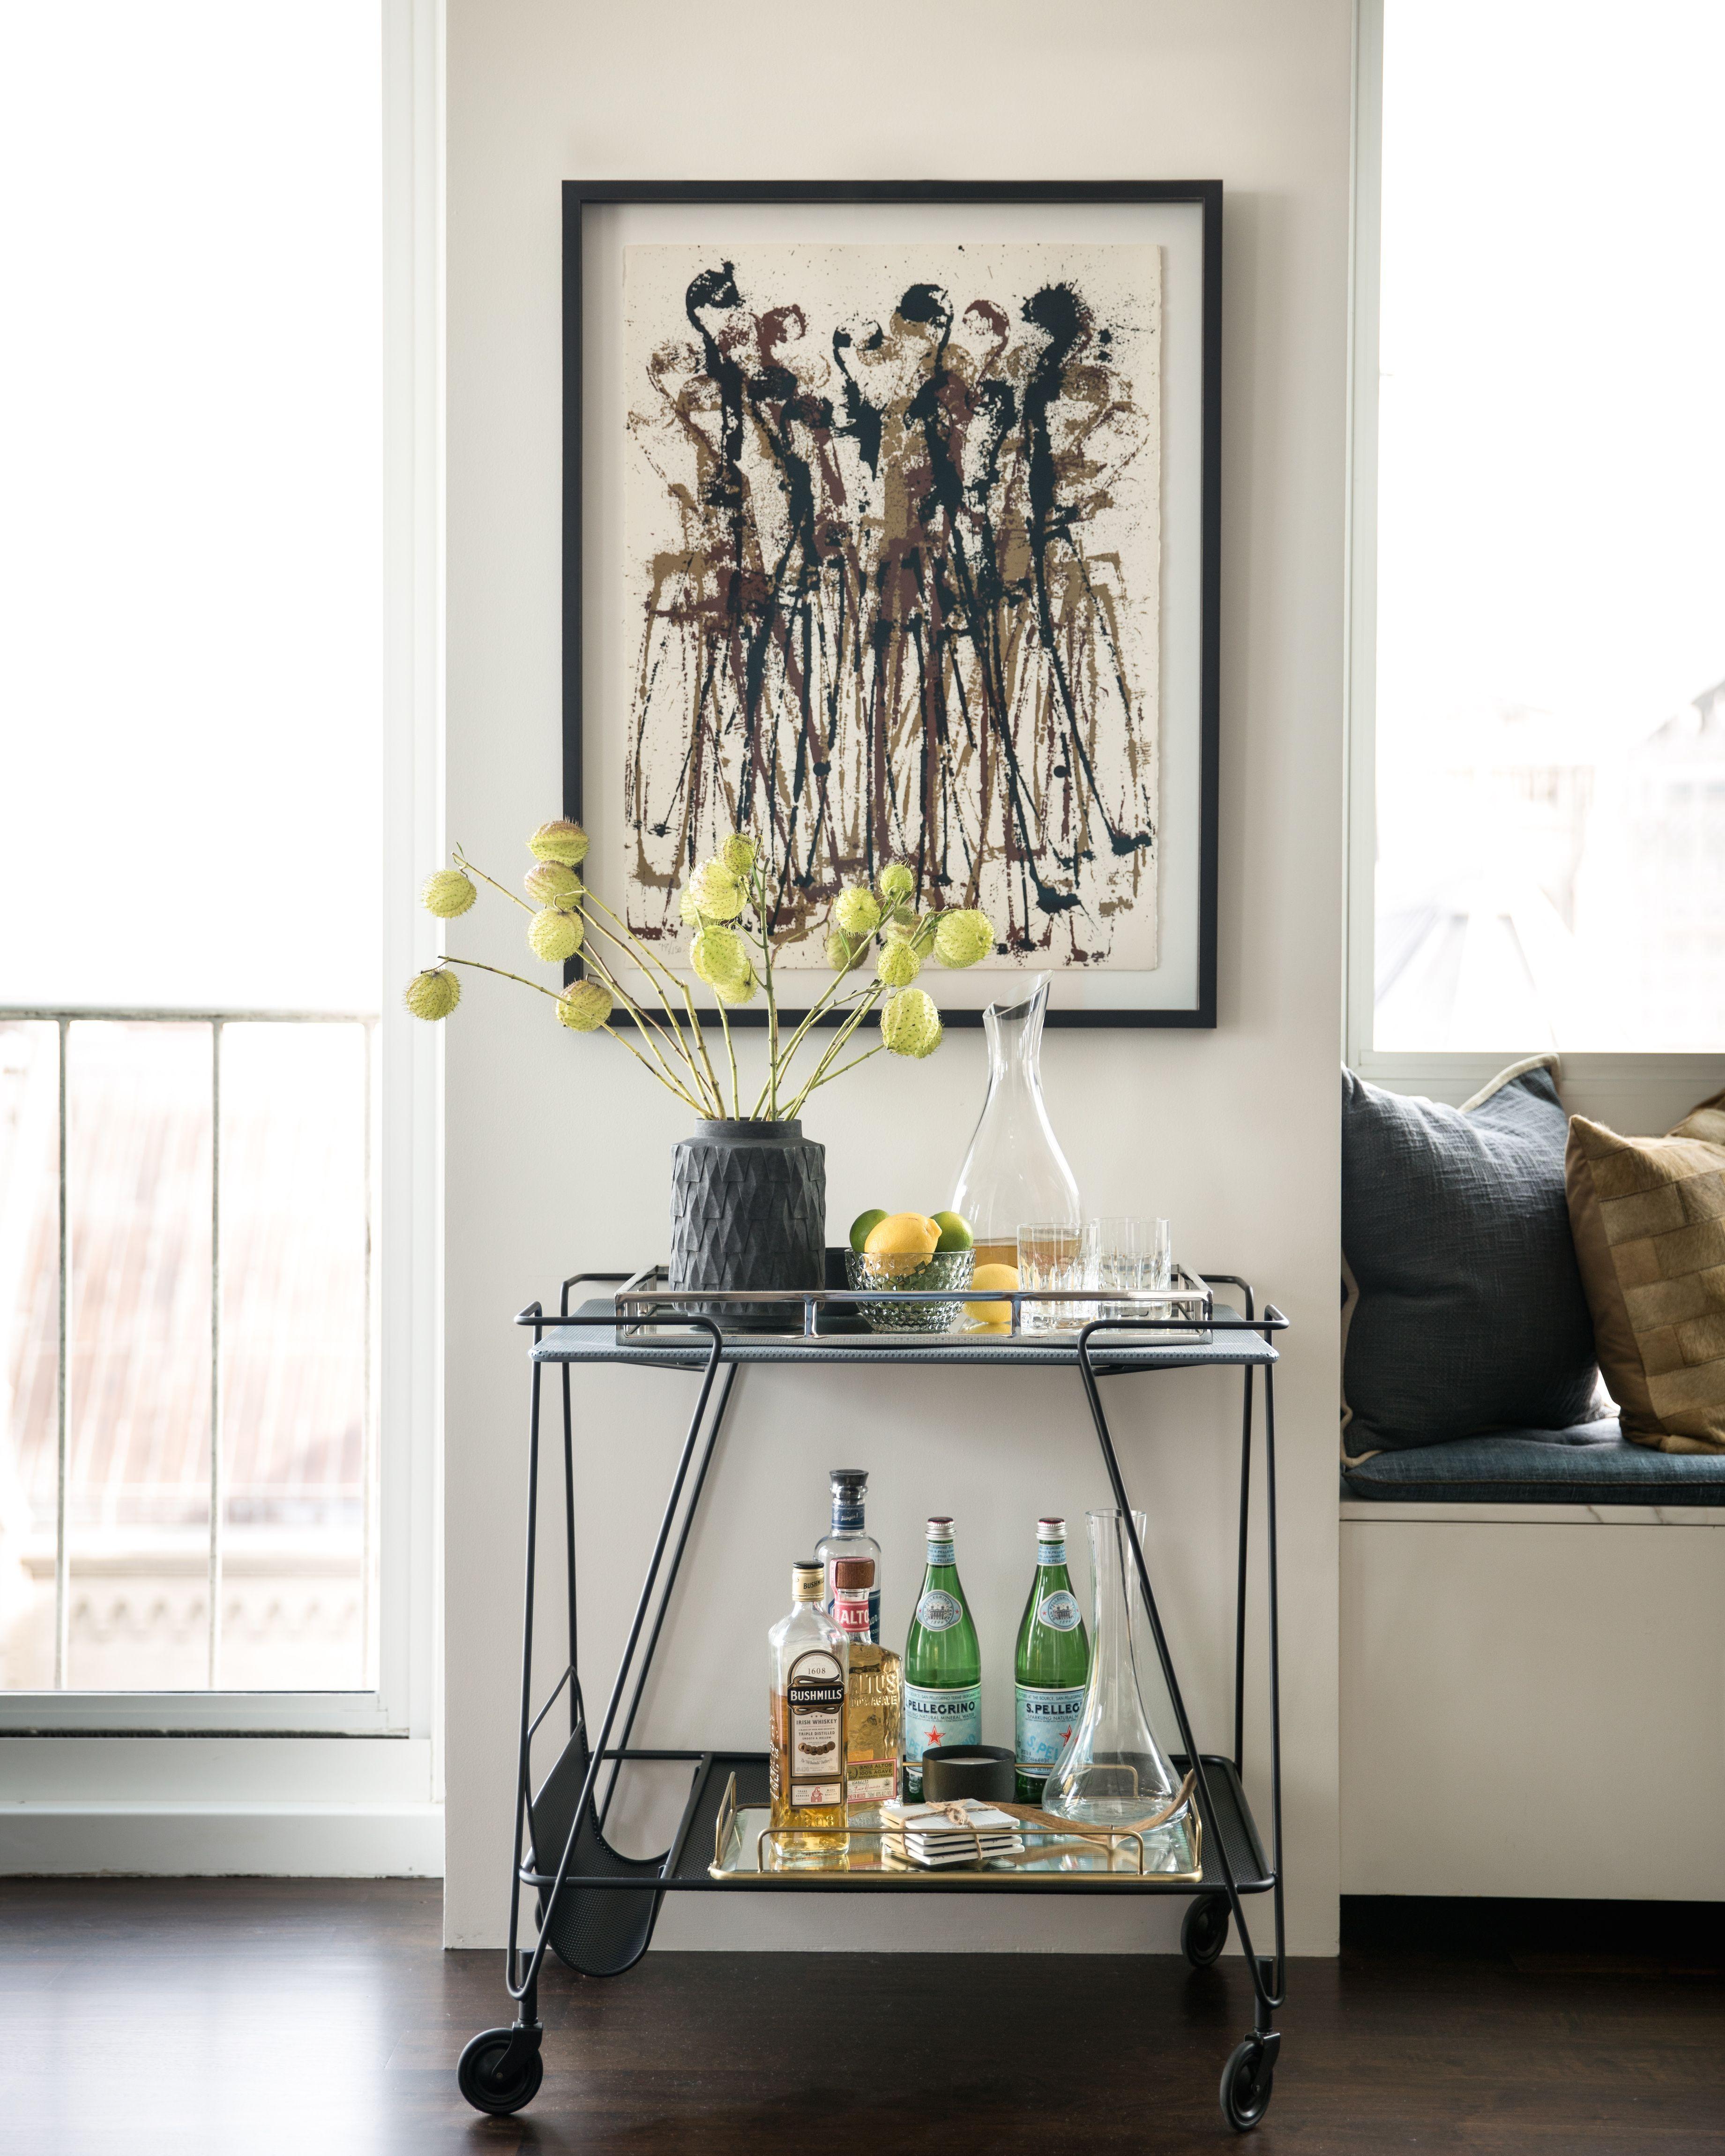 Mid Modern Home Decor Ideas: Mid-Century Modern Bachelor Pad Ideas